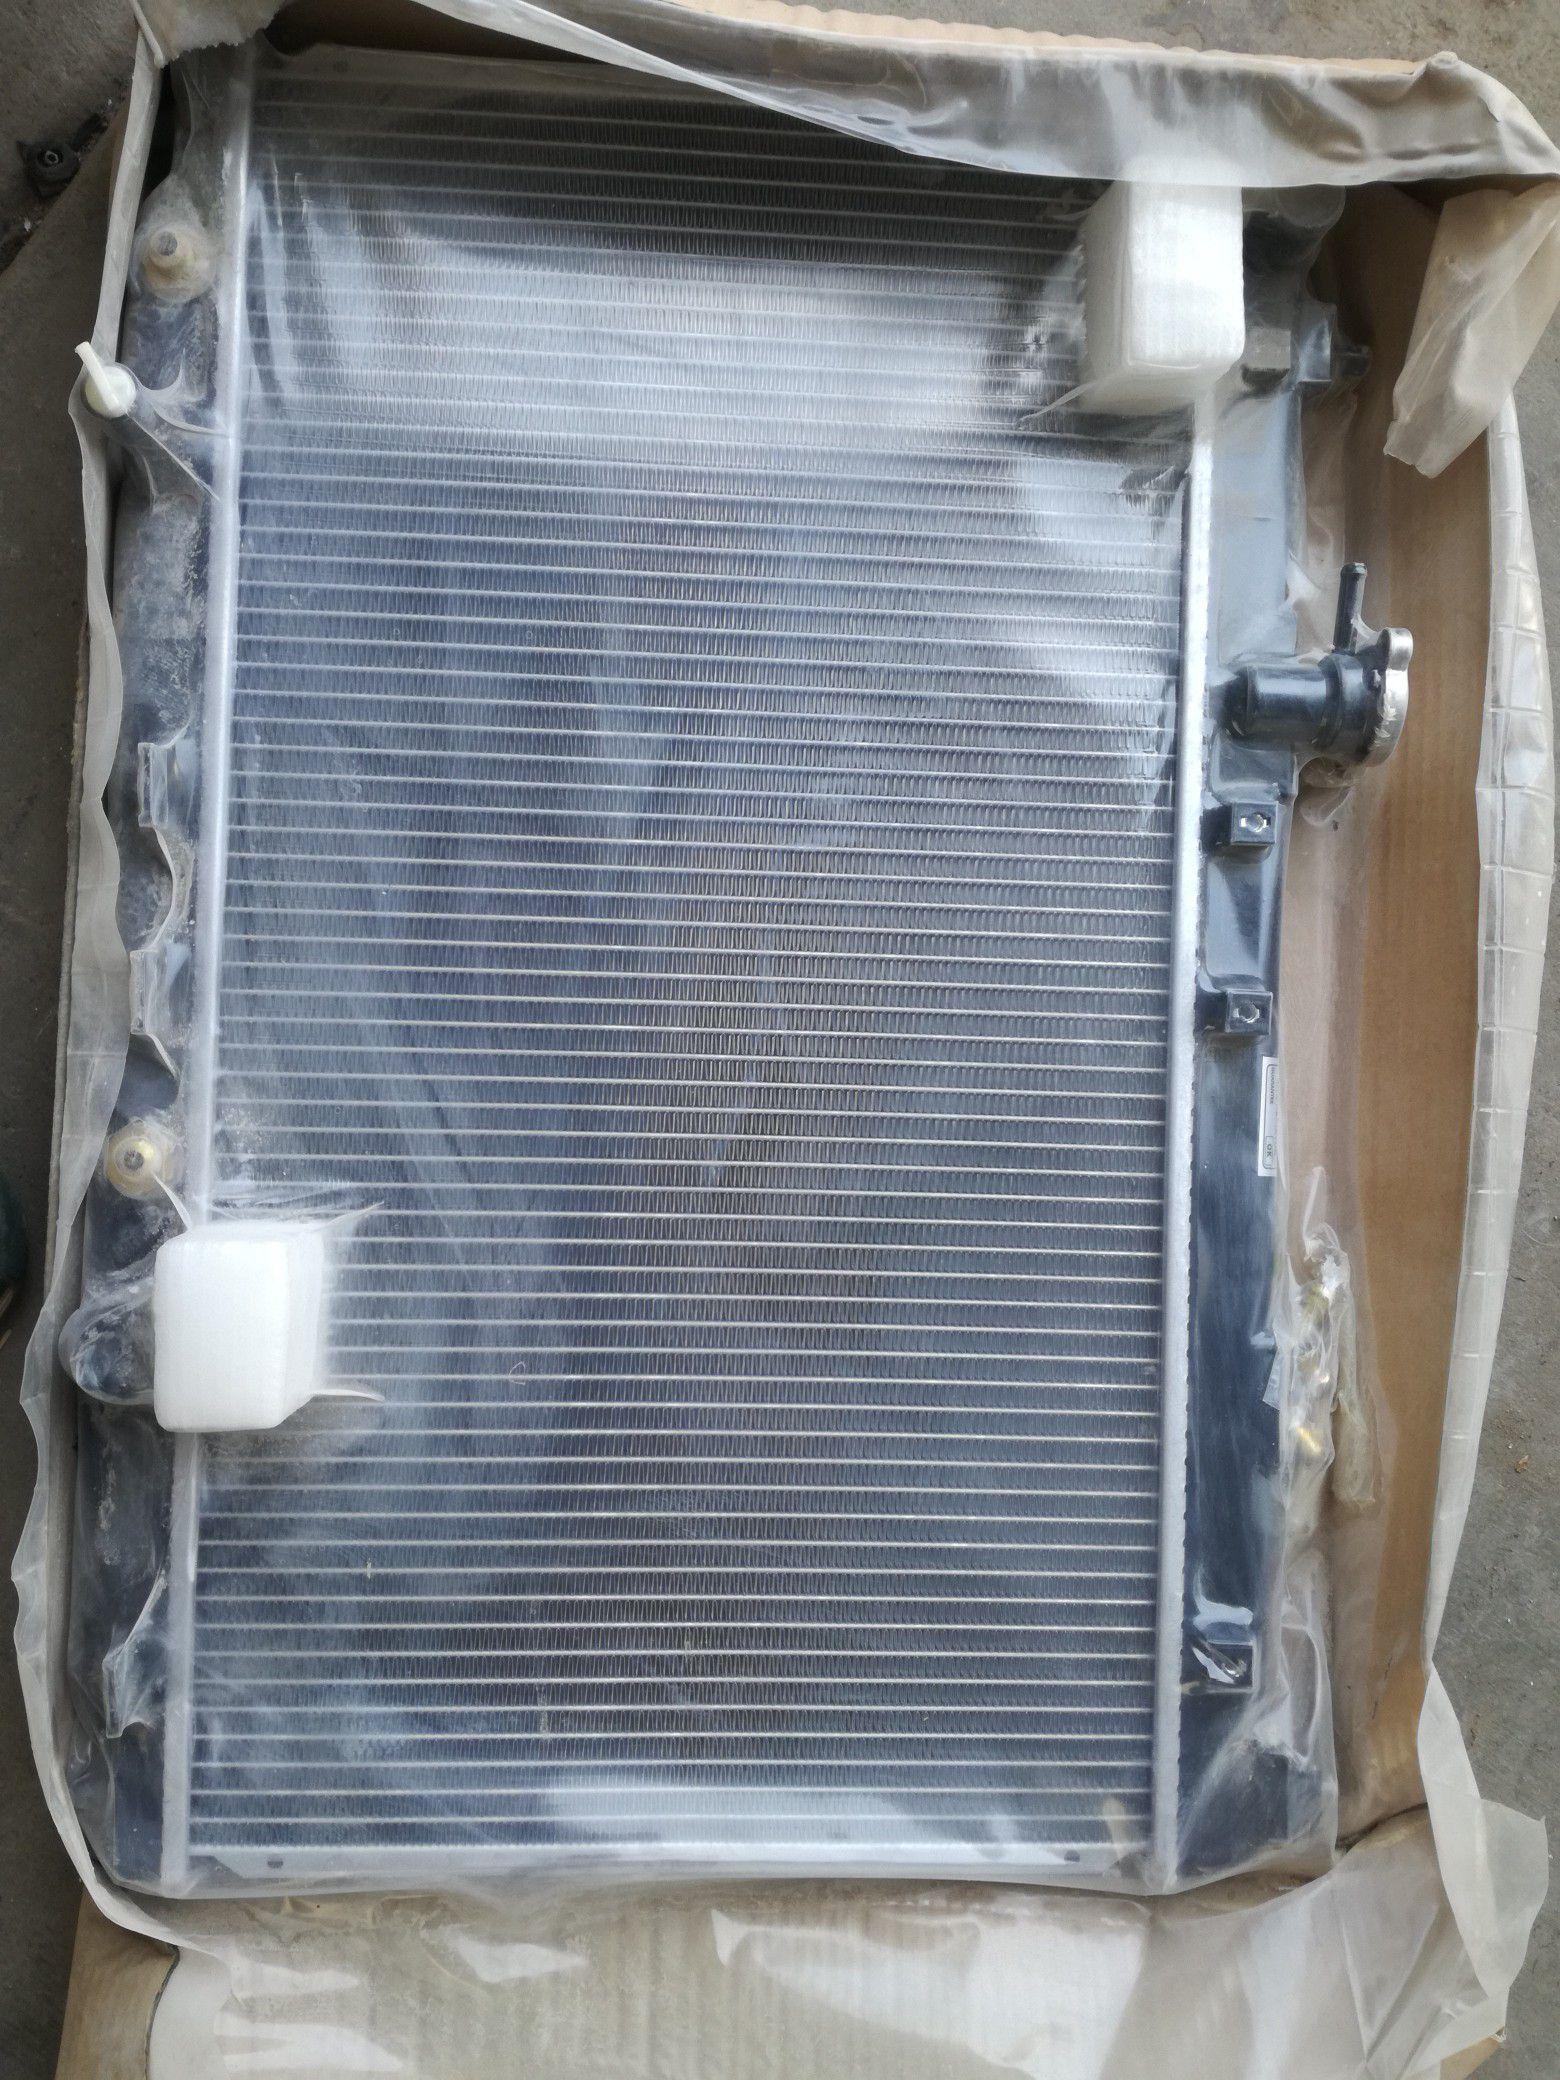 Brand new radiator for Honda fit 2003